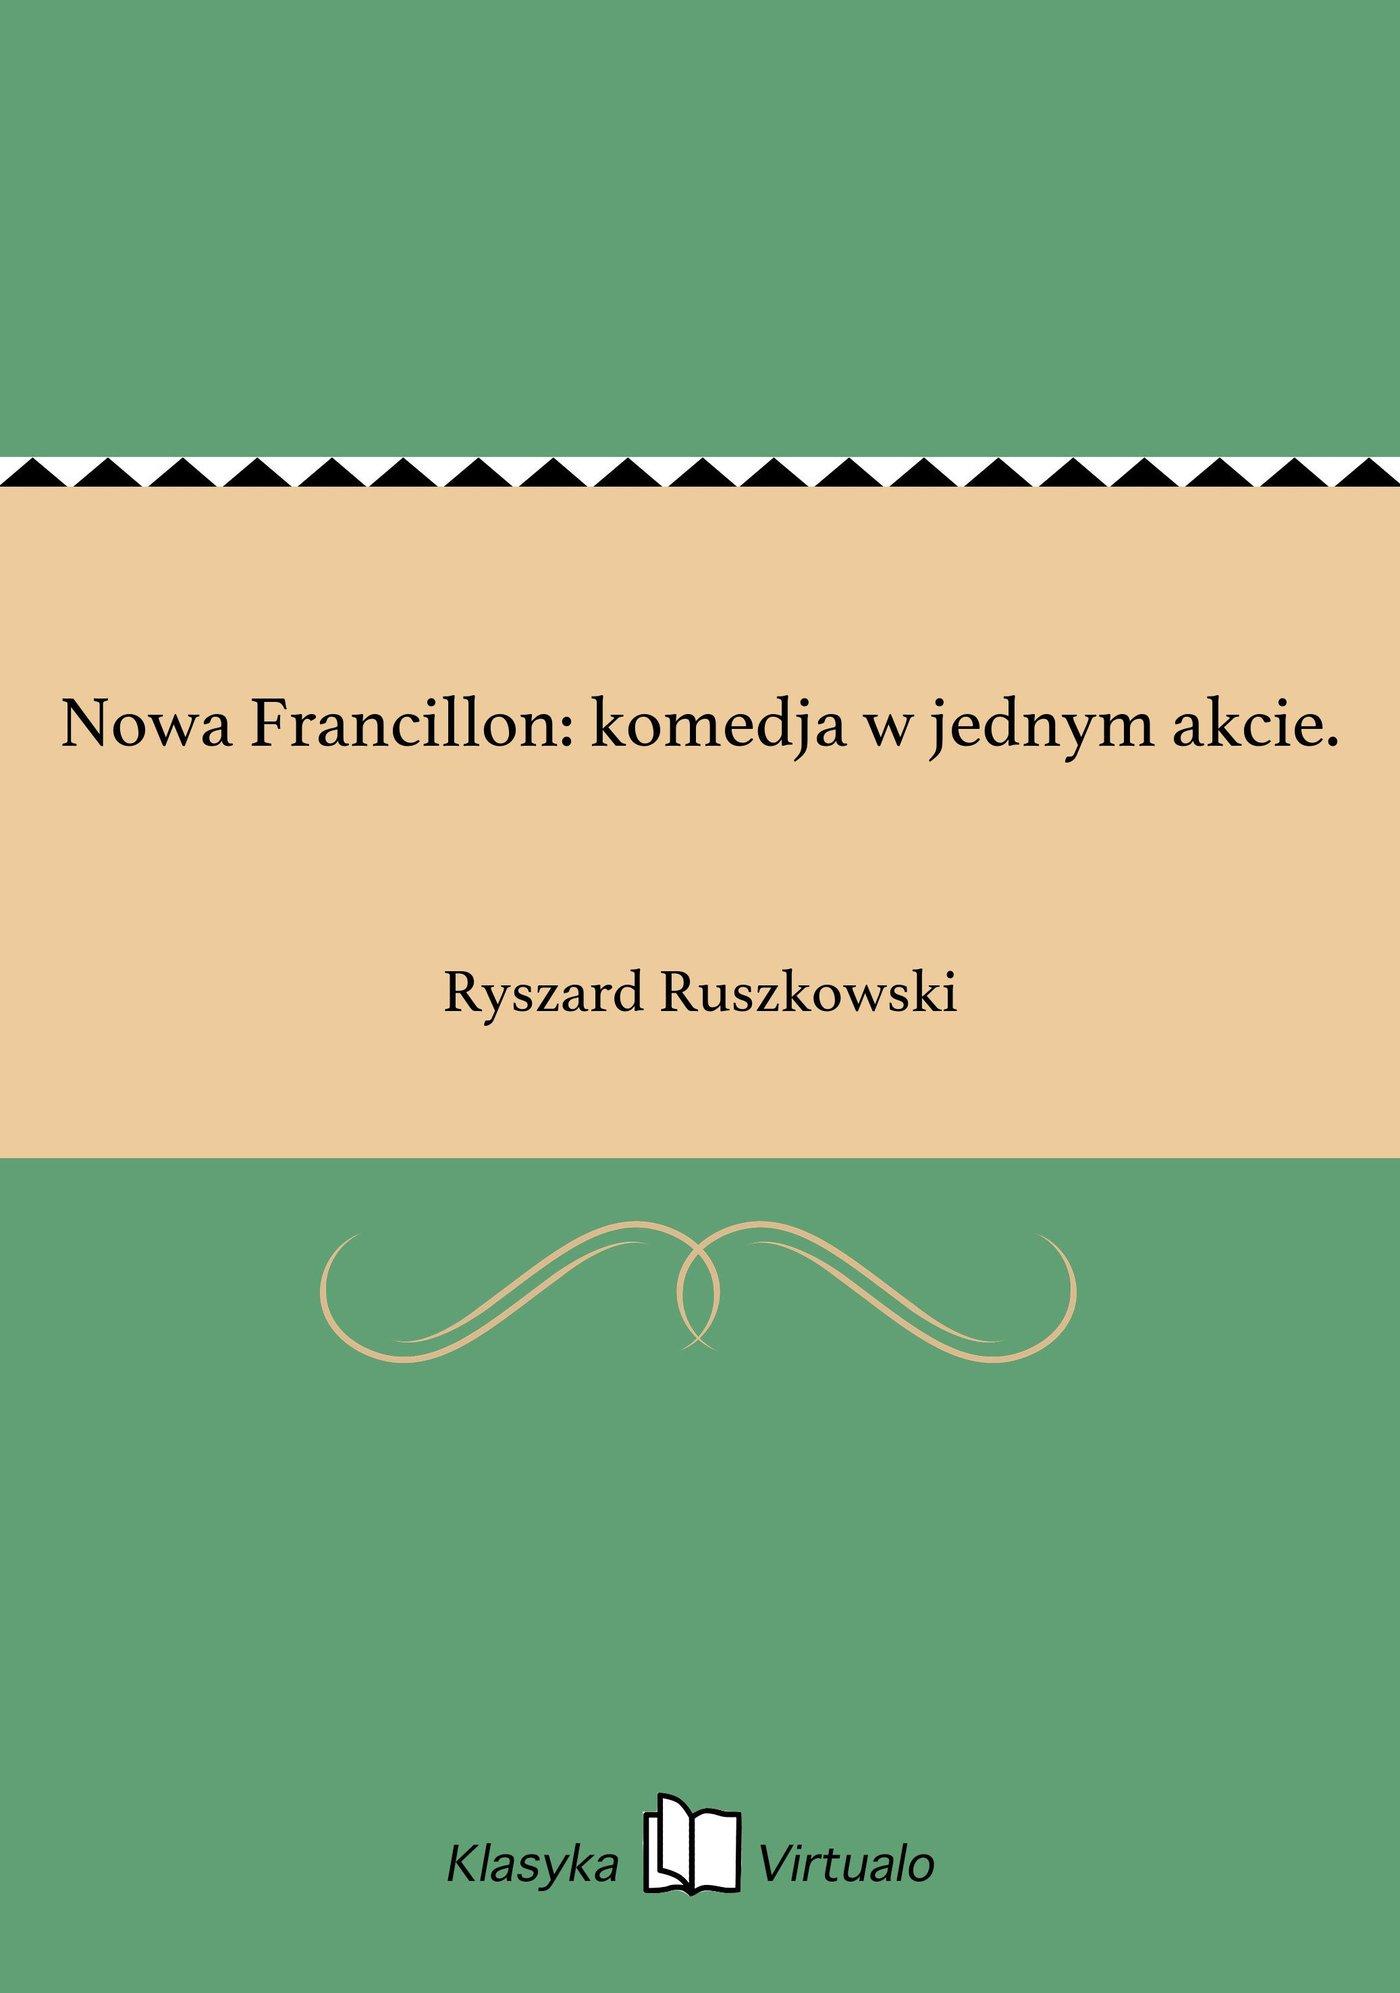 Nowa Francillon: komedja w jednym akcie. - Ebook (Książka EPUB) do pobrania w formacie EPUB